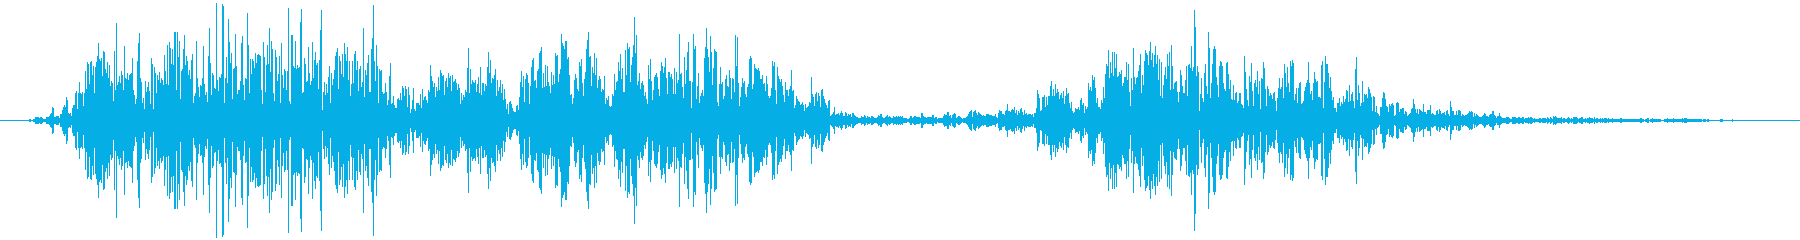 大型犬が吠える(ワンワンワン)の再生済みの波形